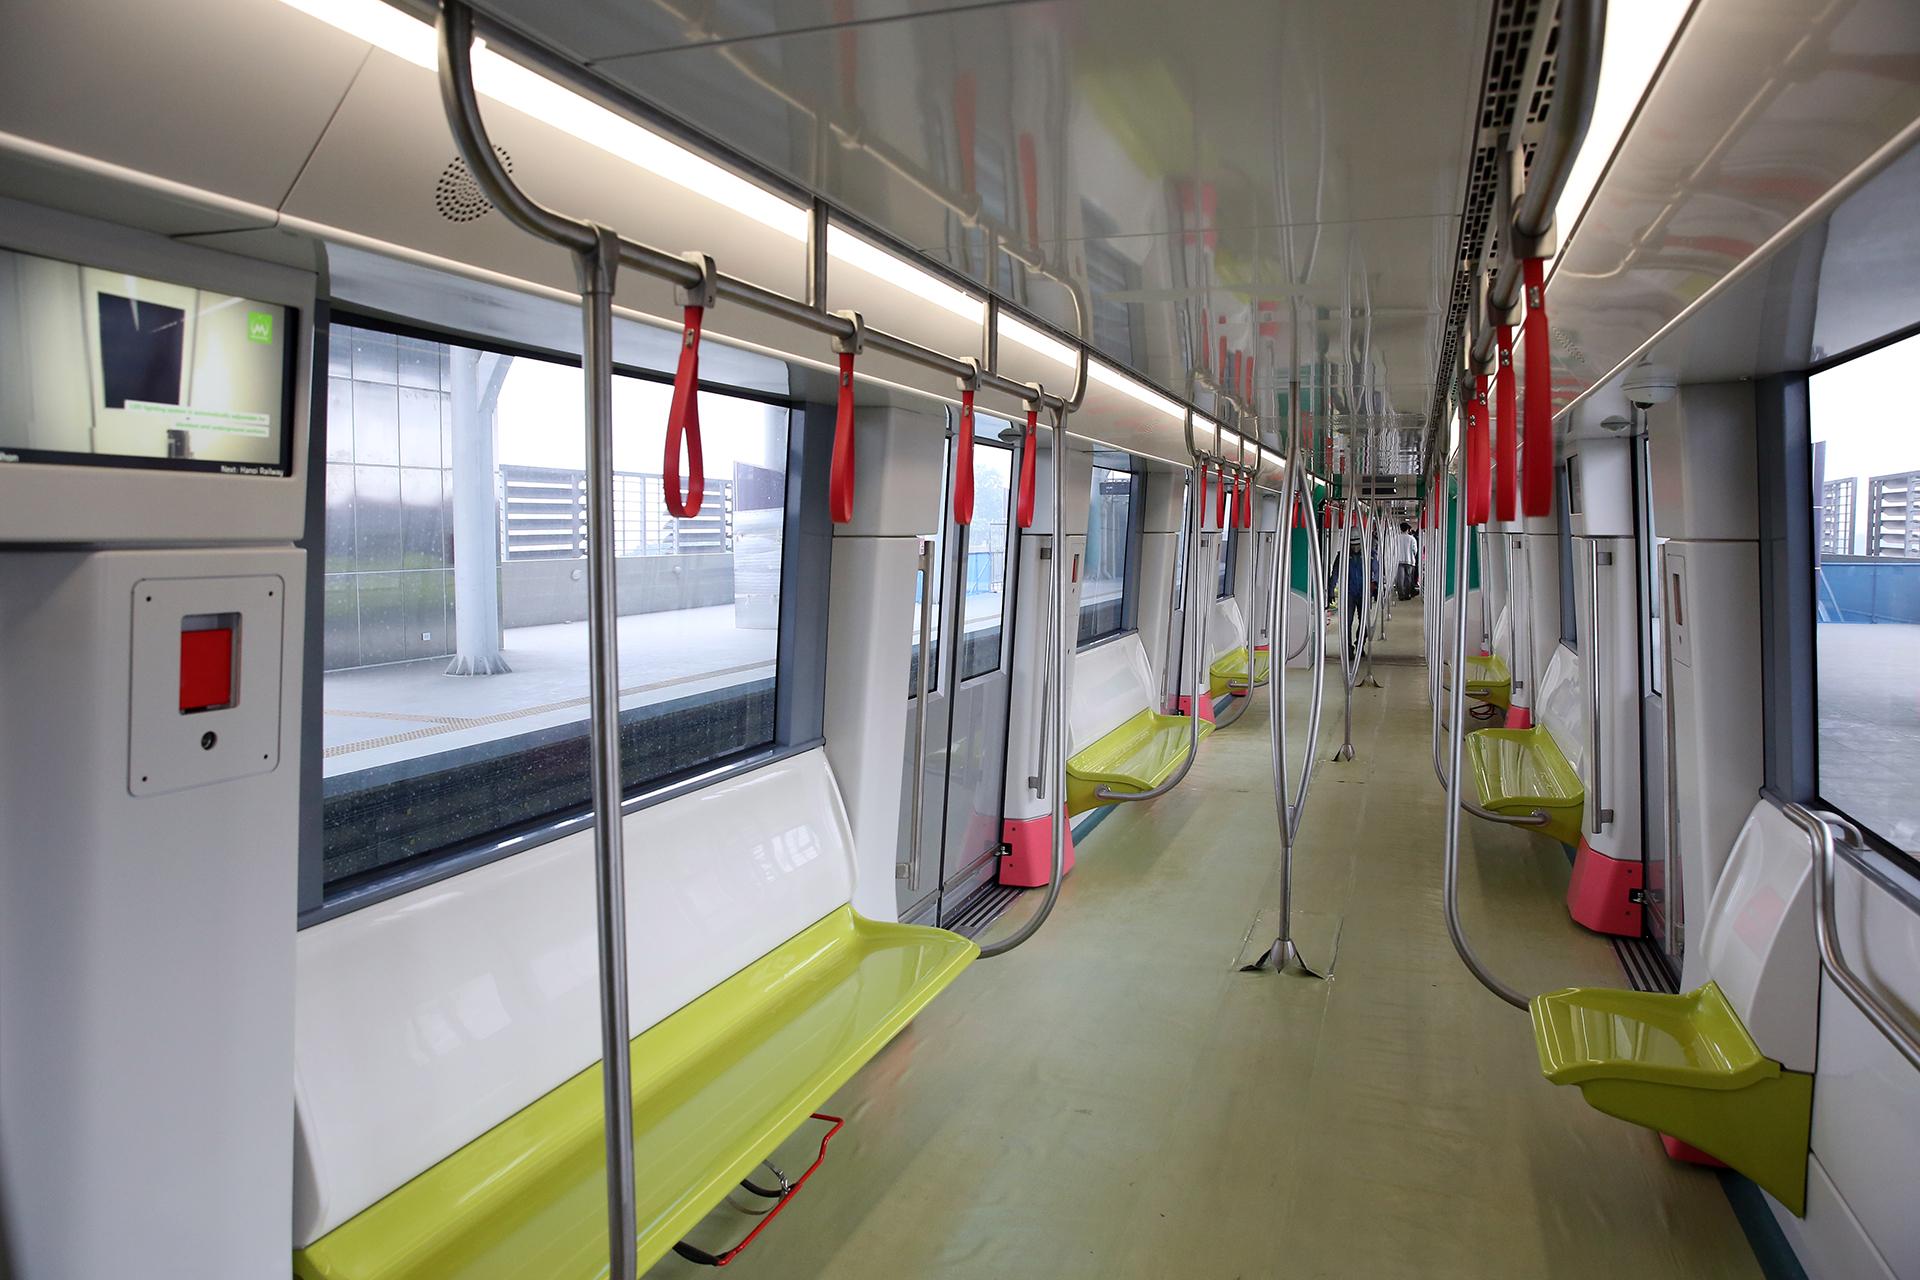 Mở cửa đón người dân tham quan tàu Metro Nhổn – ga Hà Nội -4